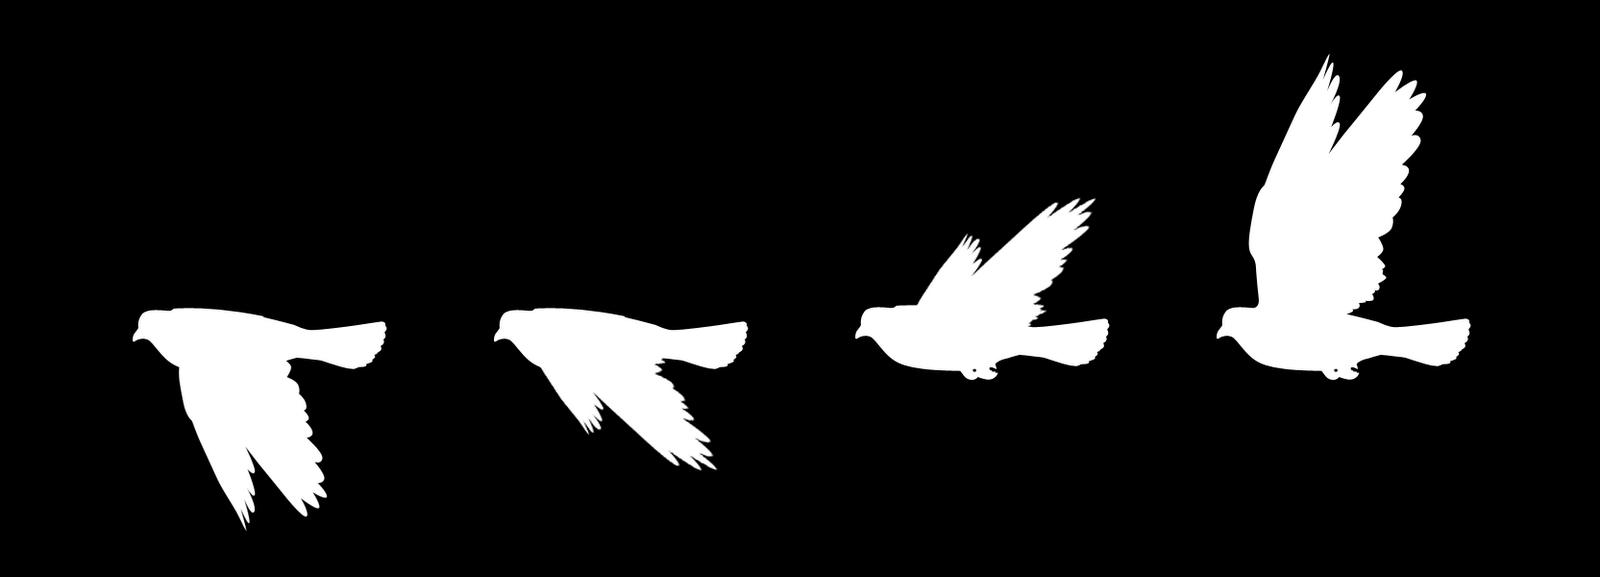 1600x577 Simple Flying Bird Vectors